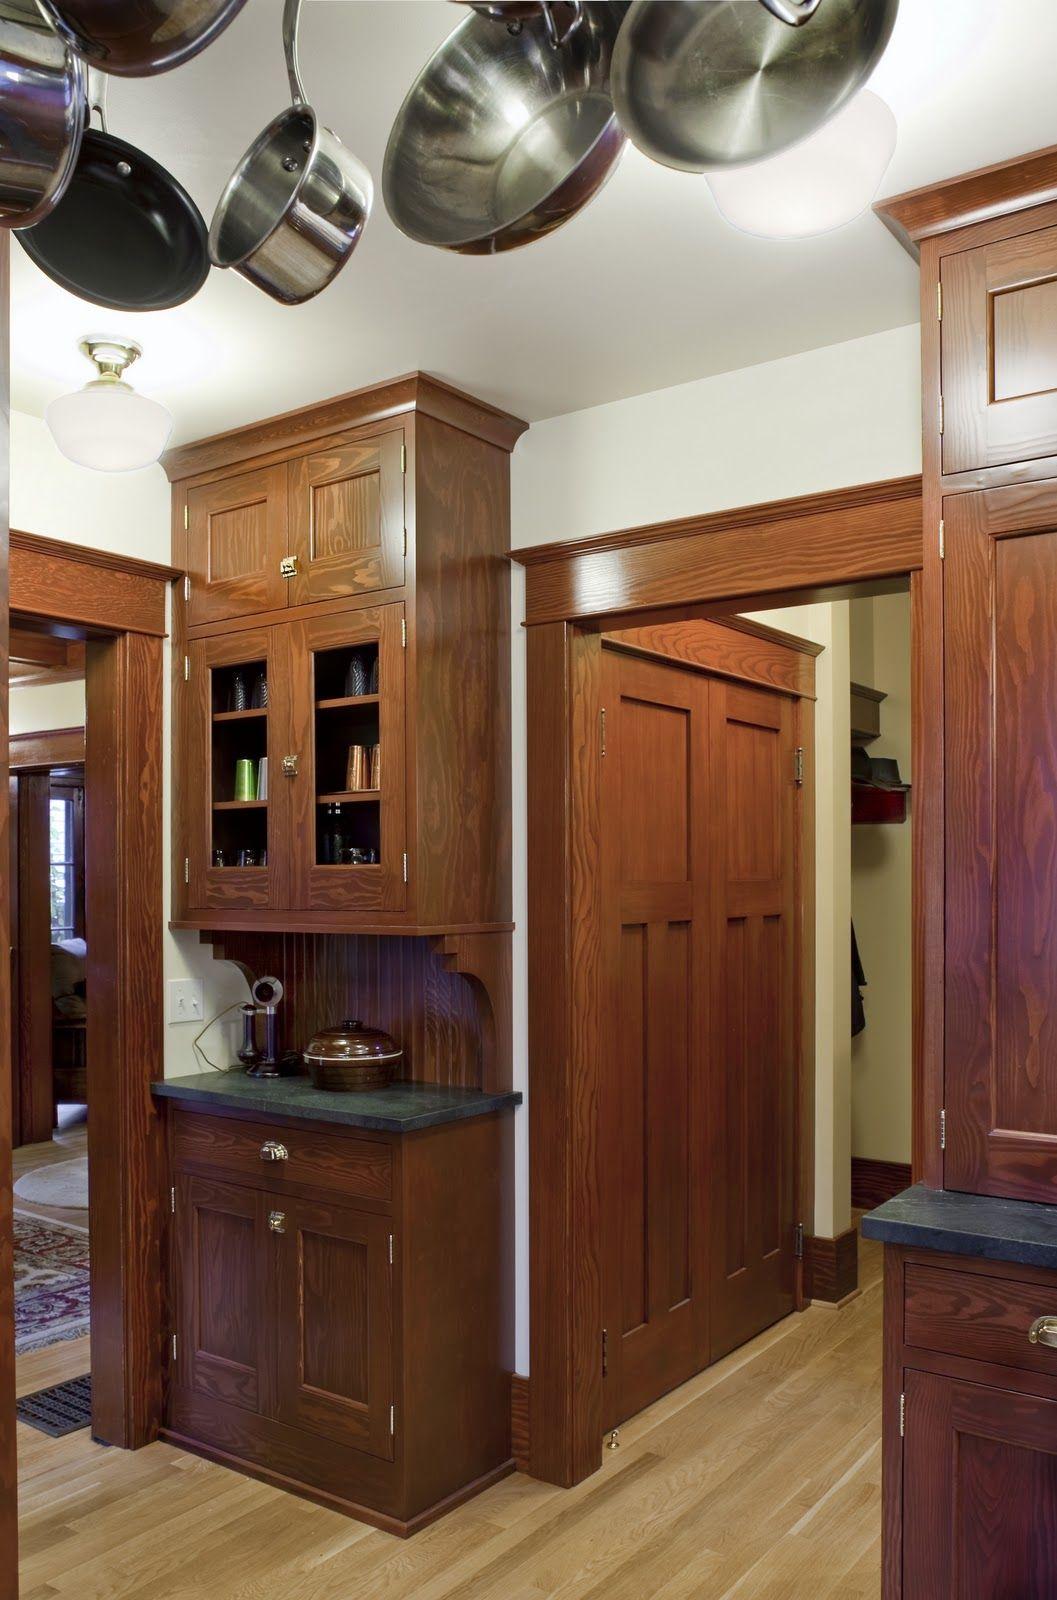 Laurelhurst 1912 Craftsman kitchen after 2 Craftsman